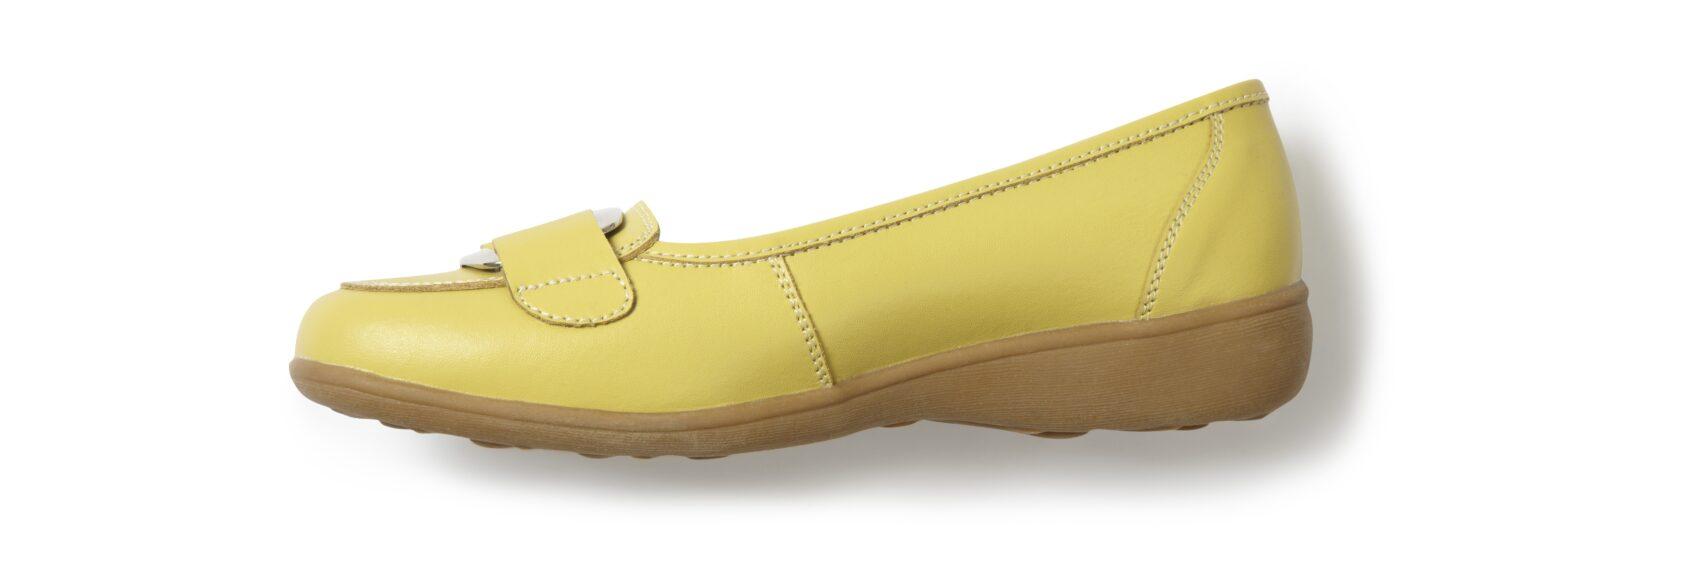 Footwear 16